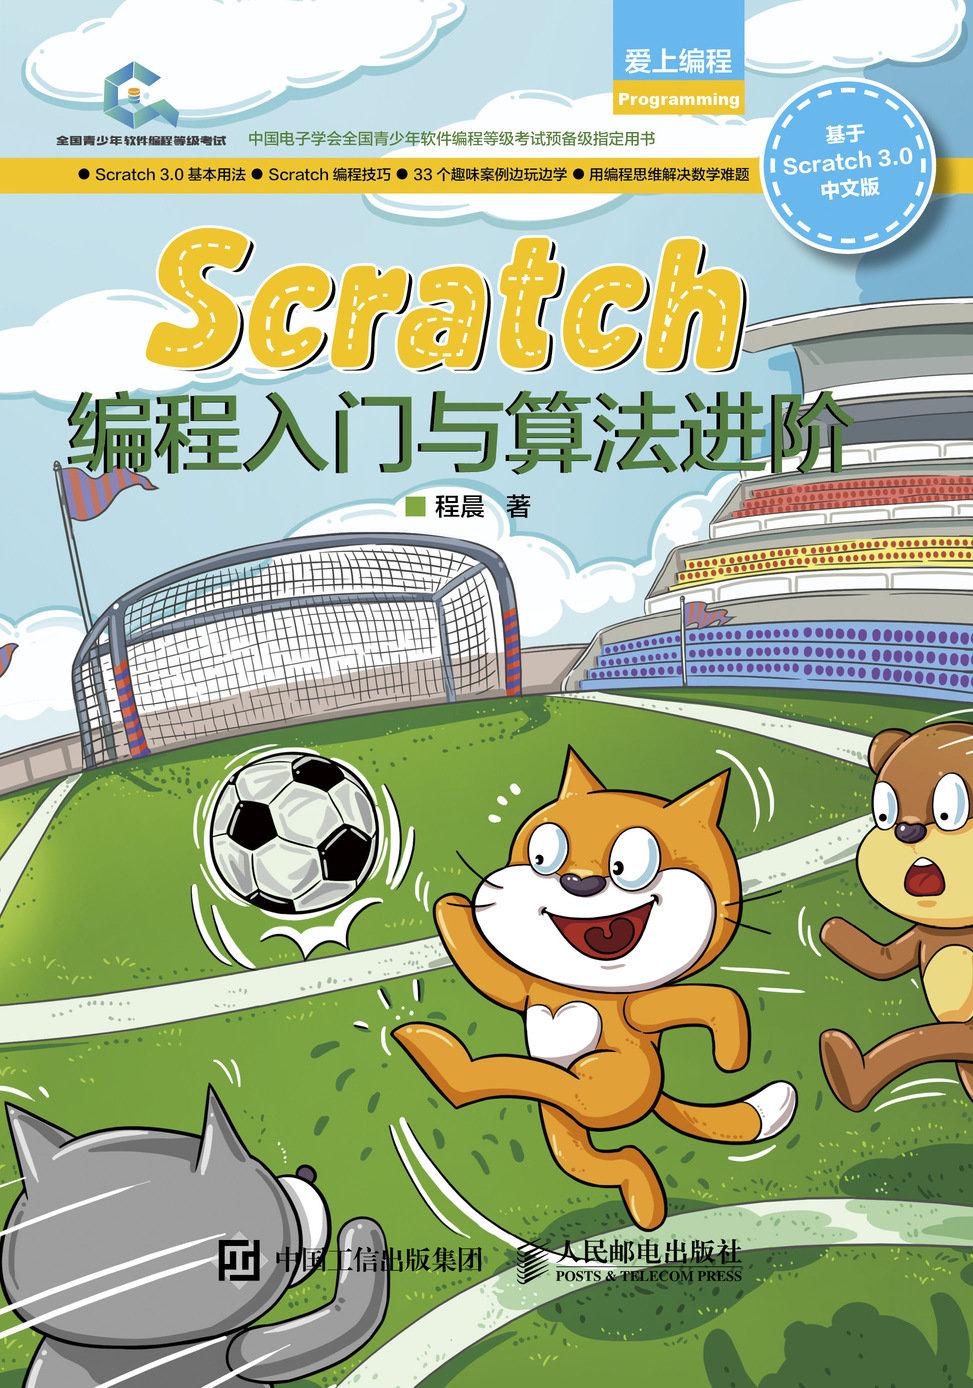 Scratch 編程入門與算法進階-preview-1